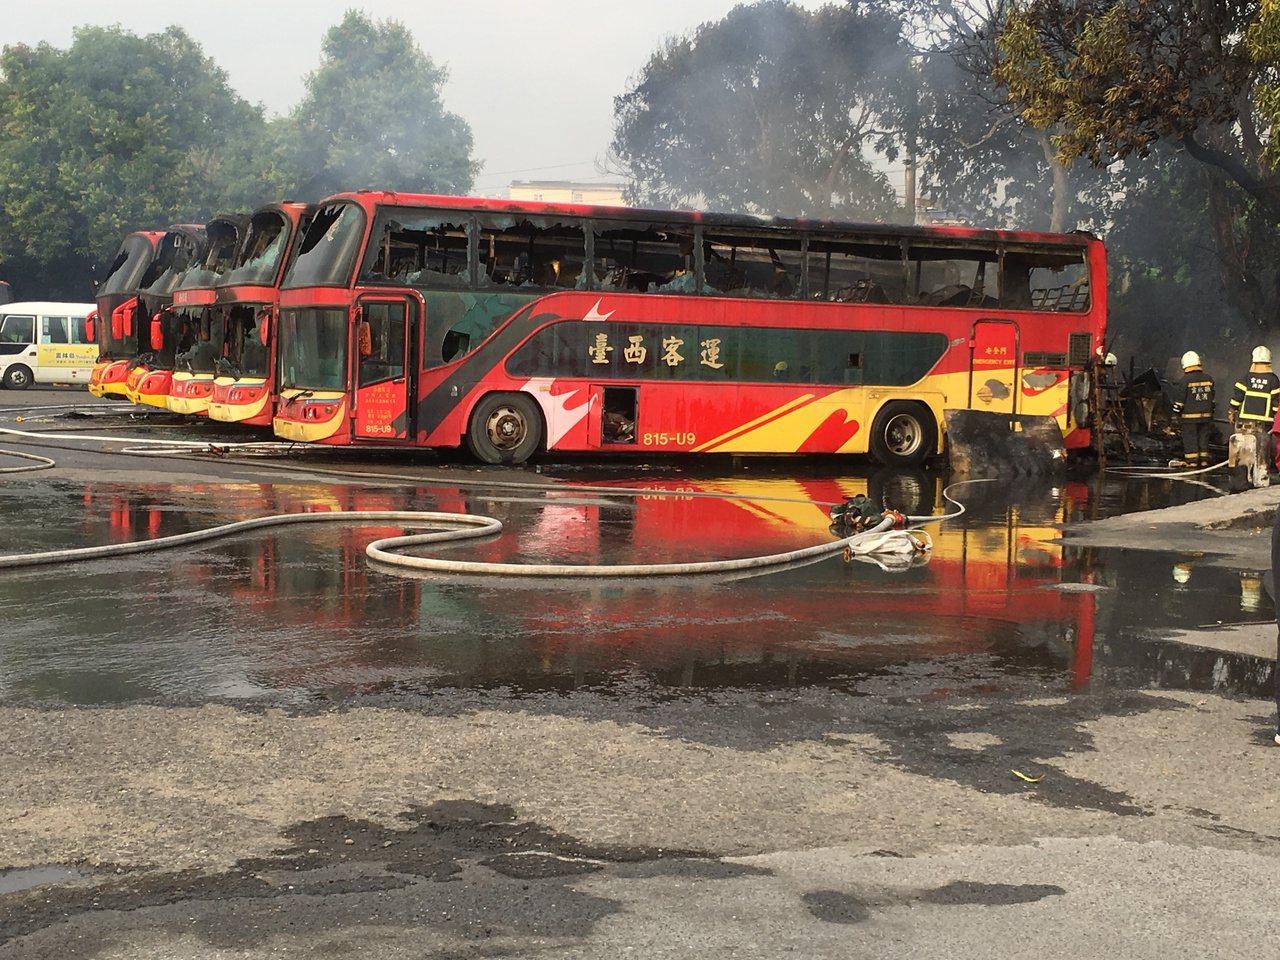 斗六台西客運雲林站停車場今晨大火,5輛未掛牌報廢遊覽車付之一炬。記者陳雅玲/攝影